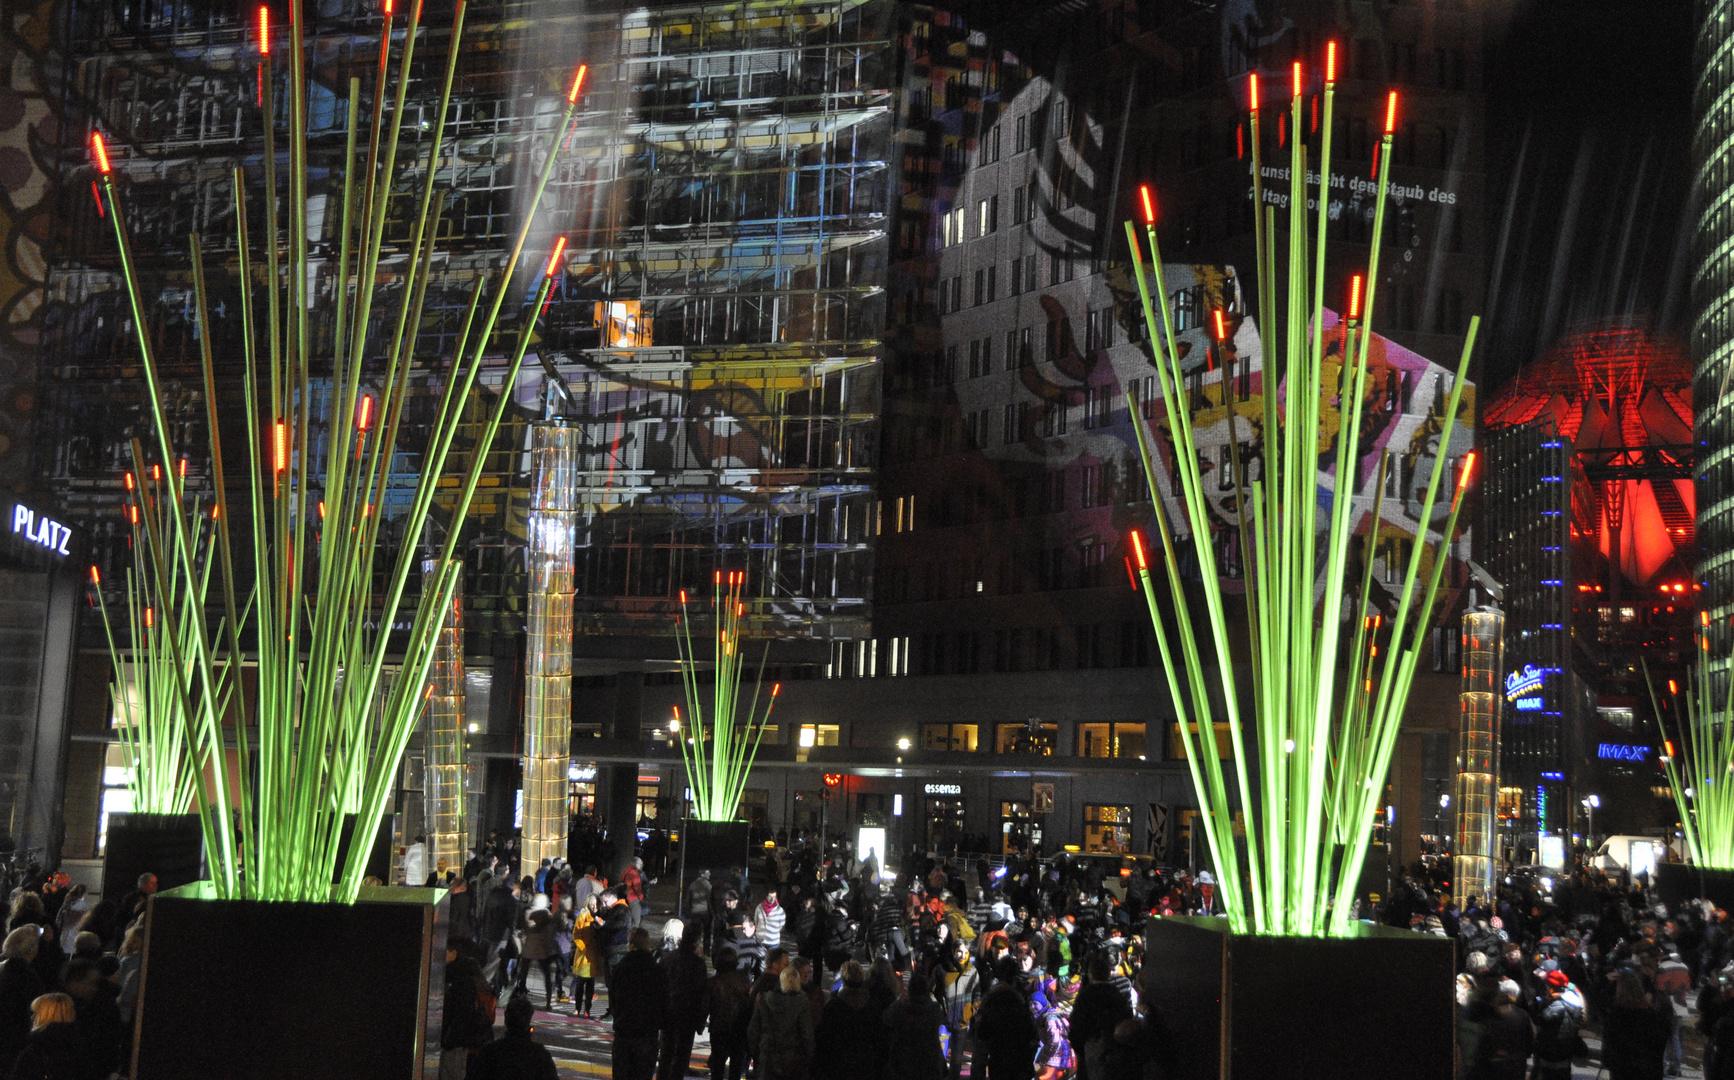 Festival of lights 2014, Berlin Potsdamer Platz